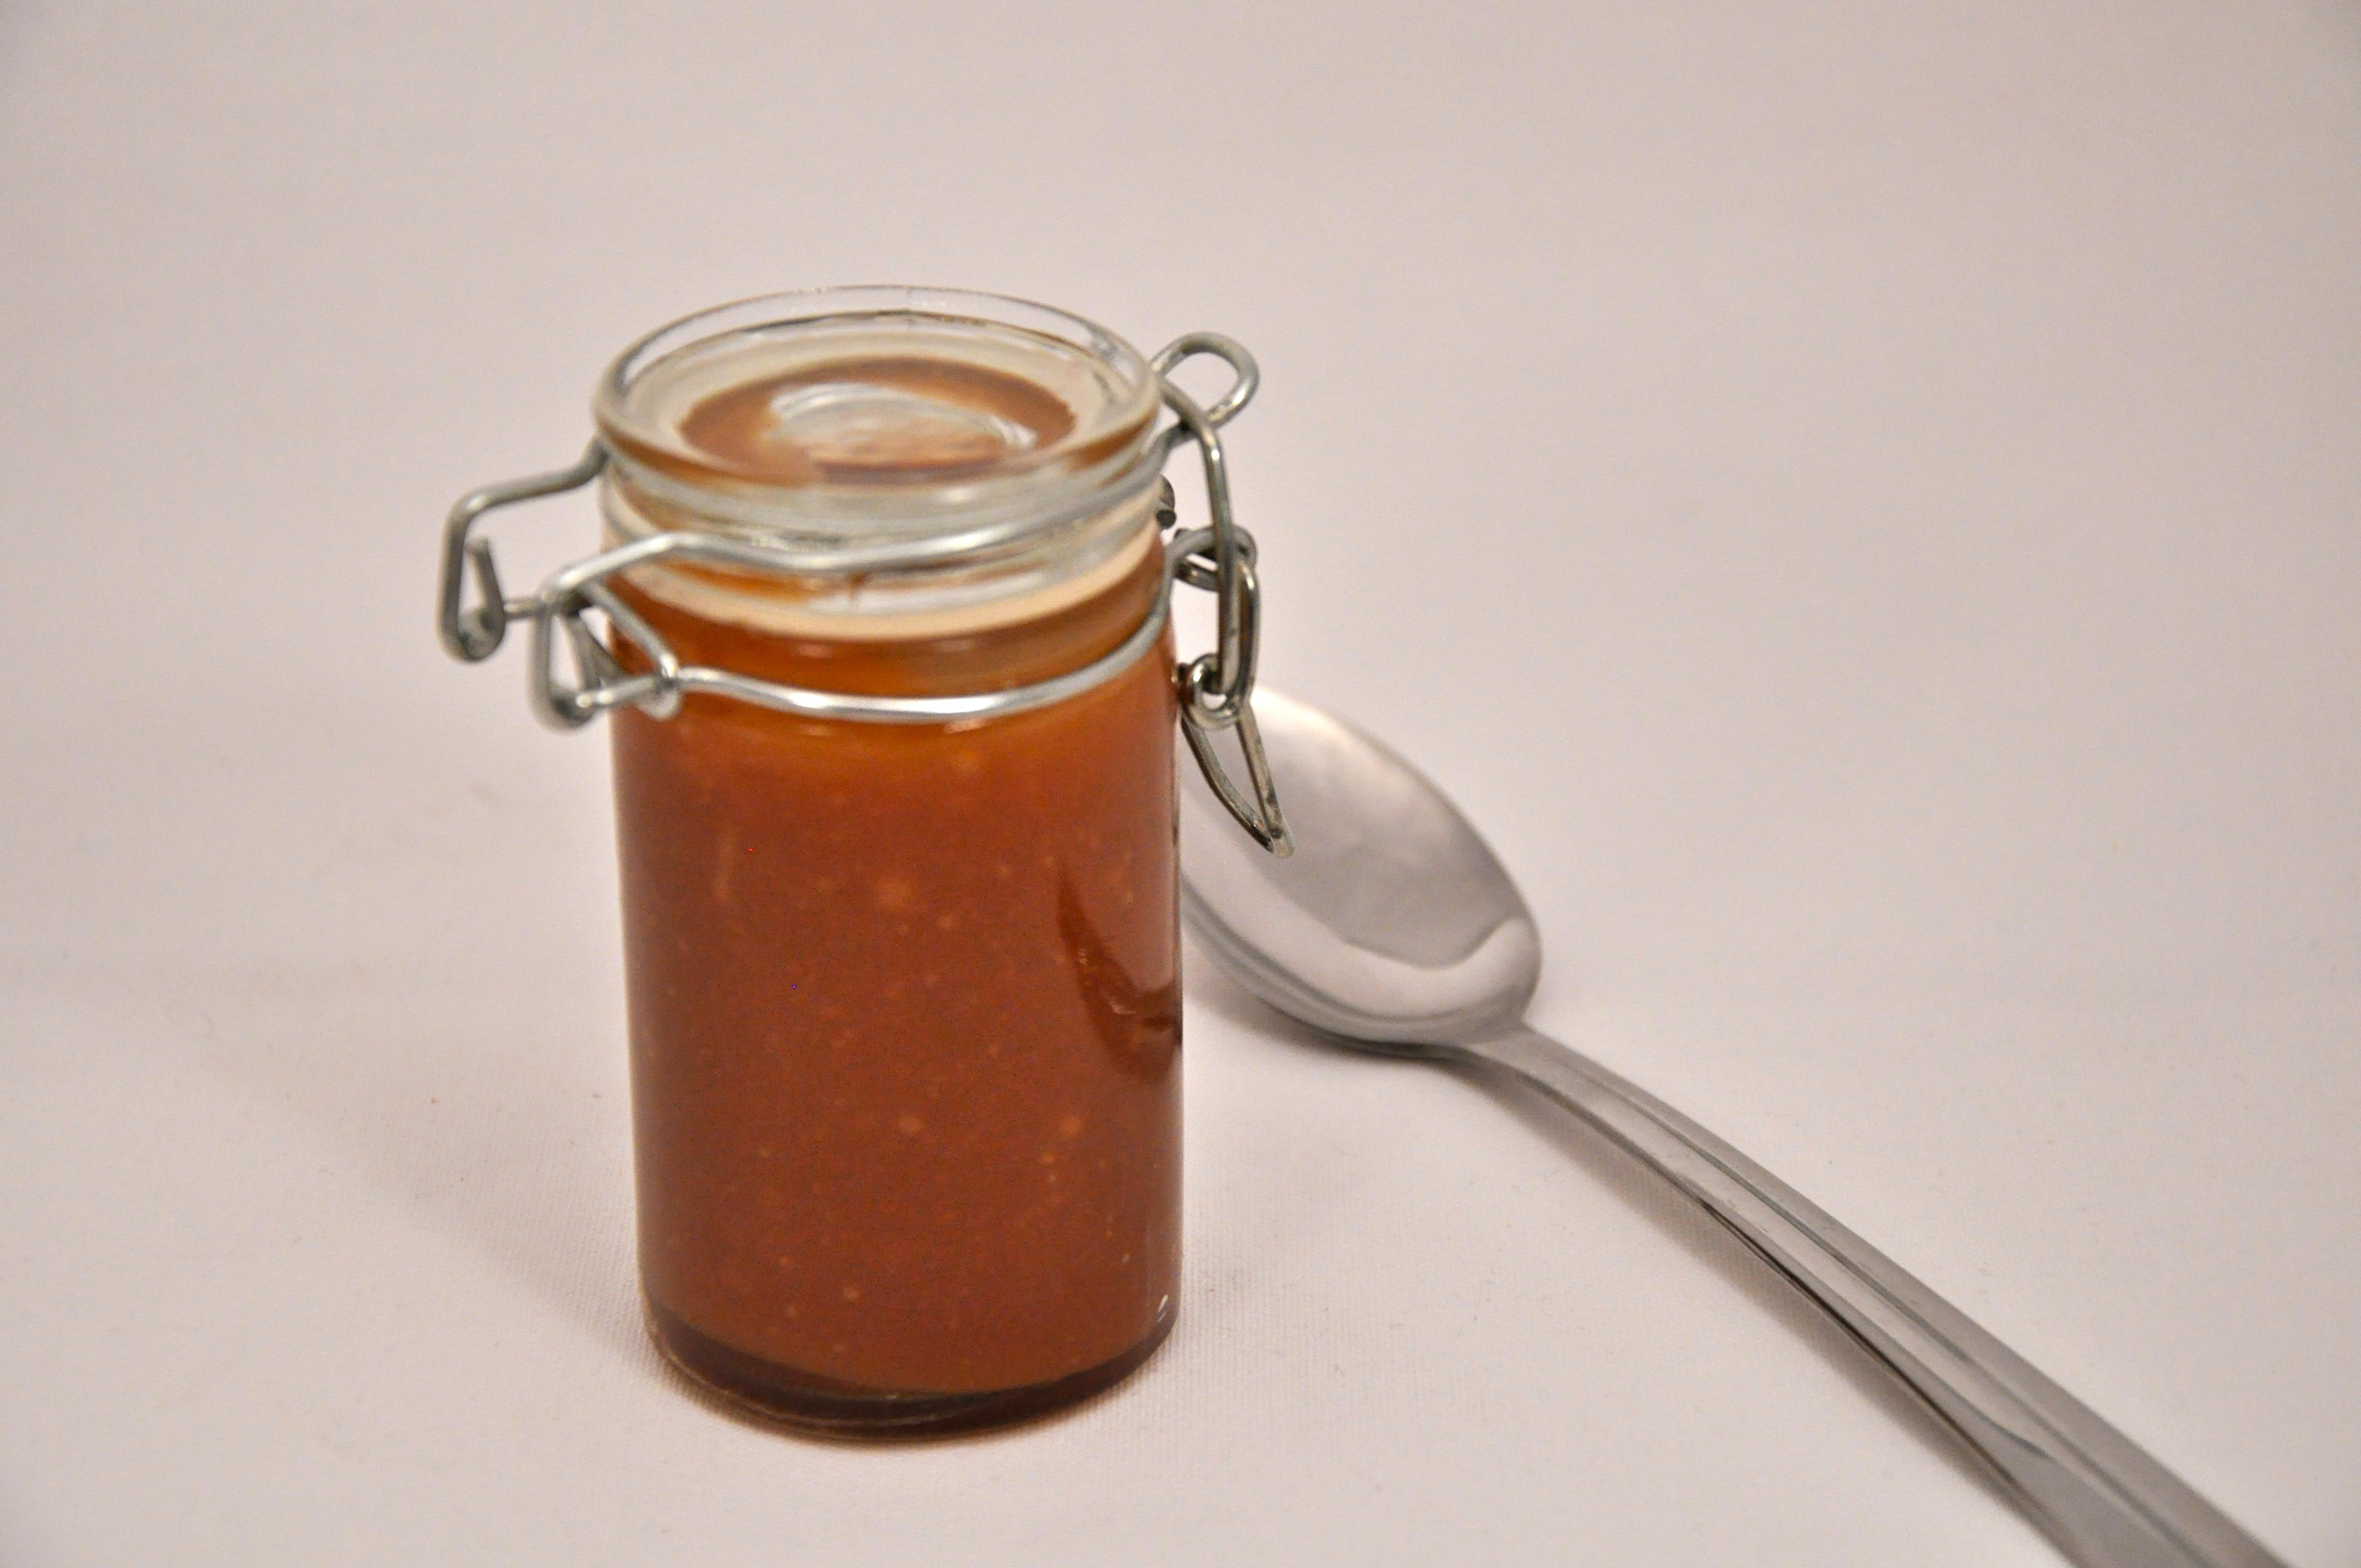 Caramel à la fleur de sel | Mes fantaisies urbaines